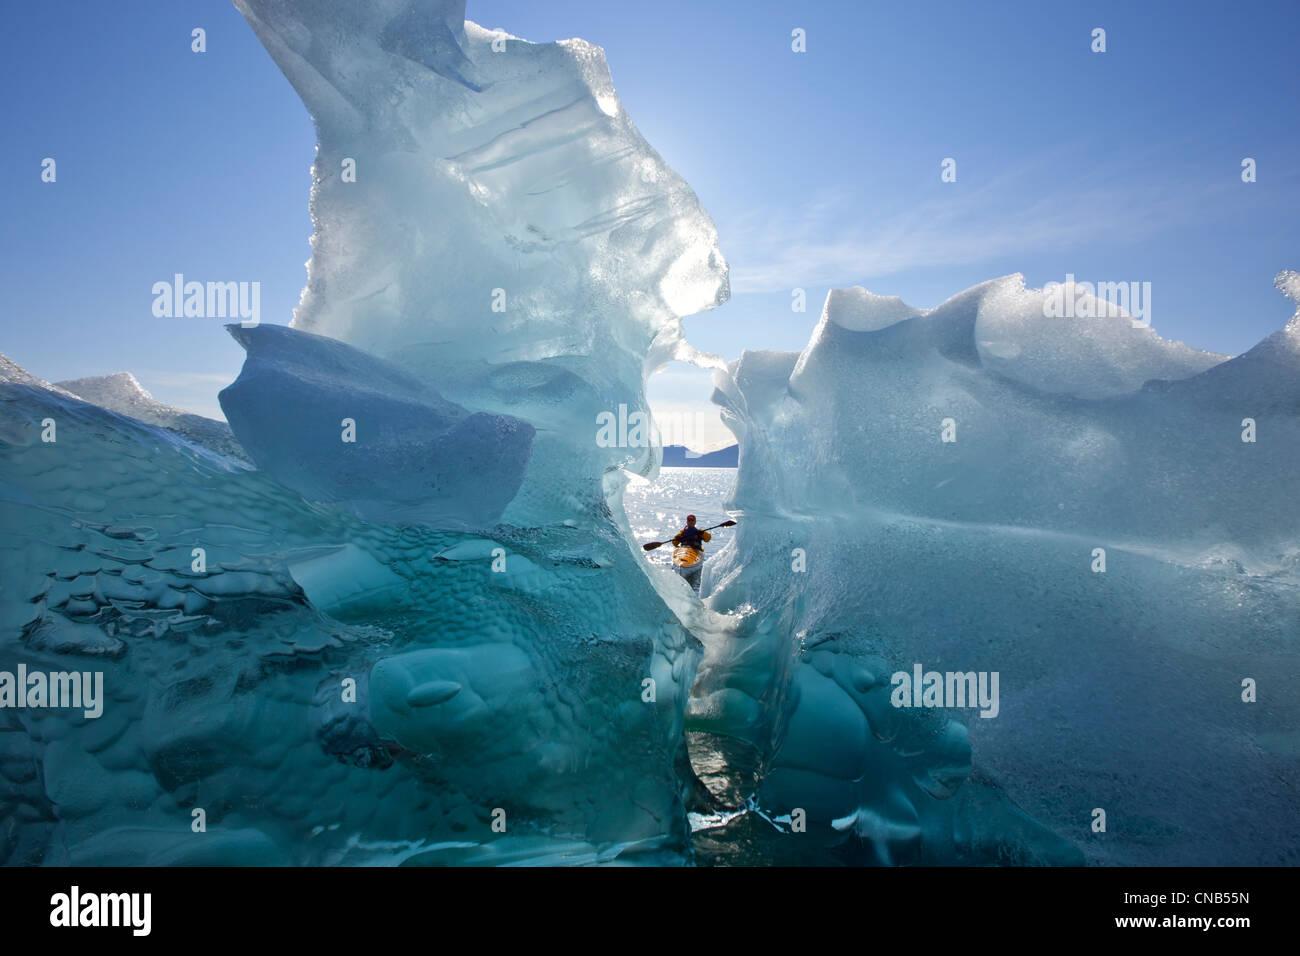 Mare viste kayaker di grandi iceberg nel passaggio di Stephens, Tracy Arm-Fords terrore deserto, all'interno Immagini Stock